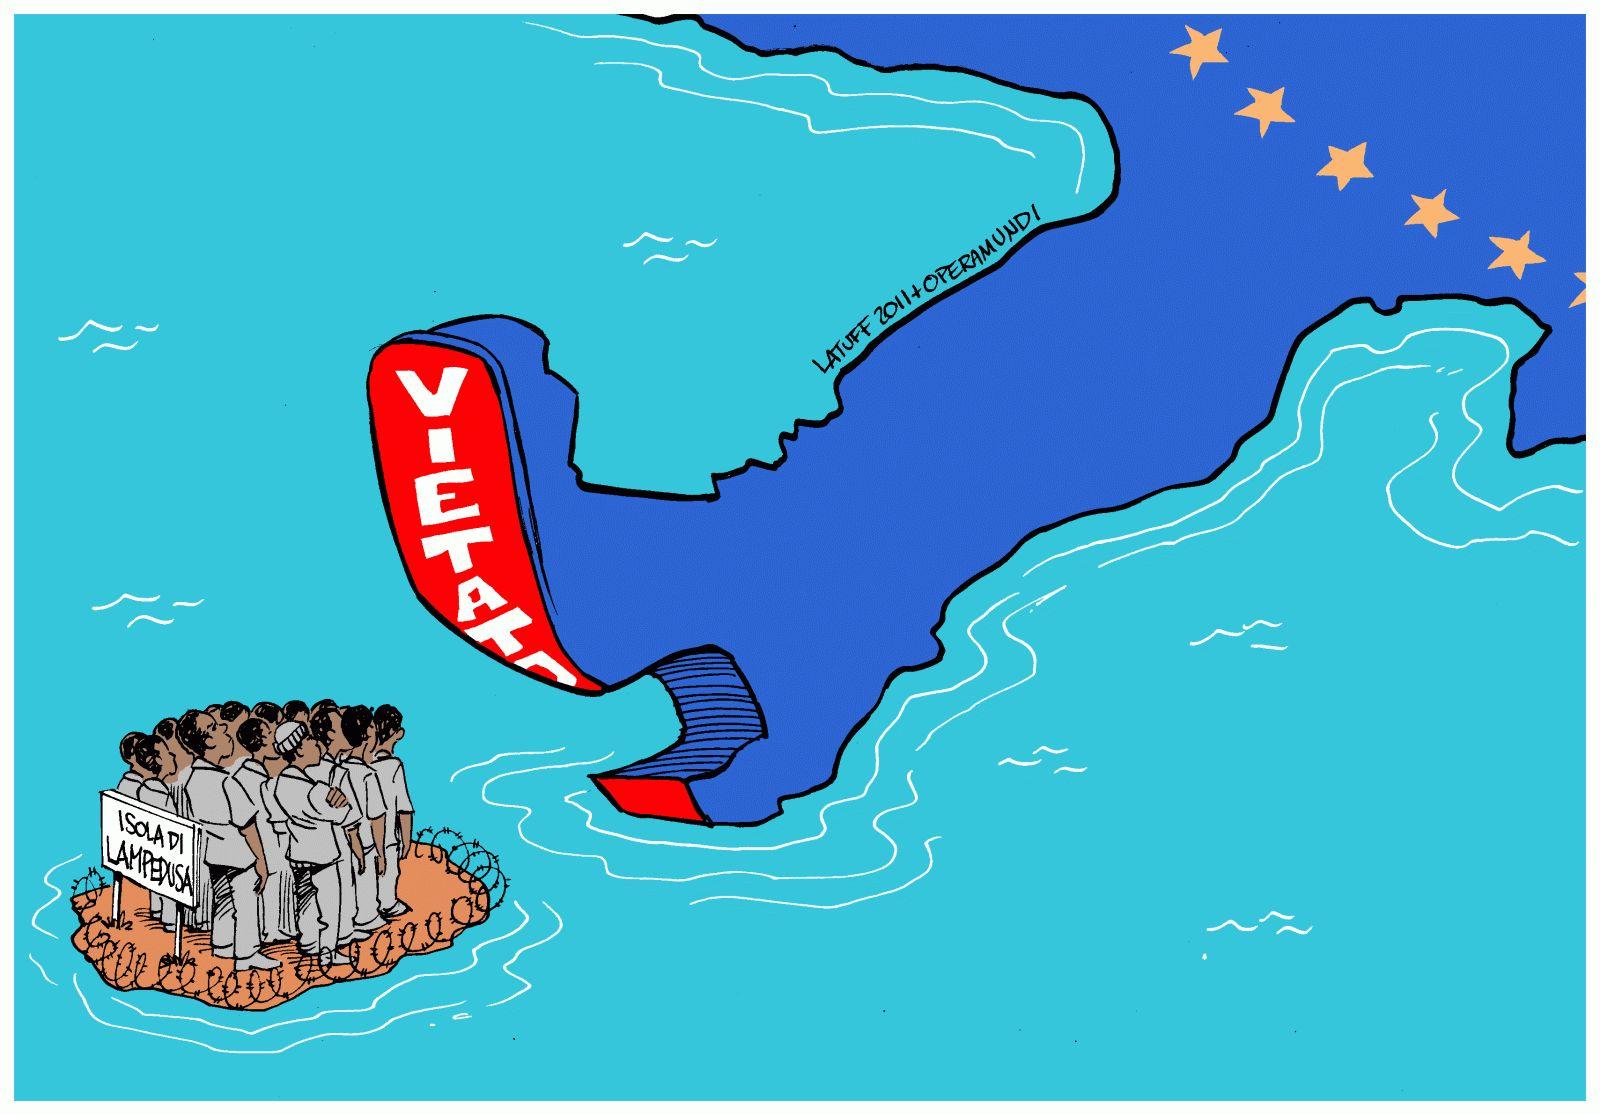 Le trattative con i vertici I 27 Paesi Dell 39unione Europea Cose Per Crescere